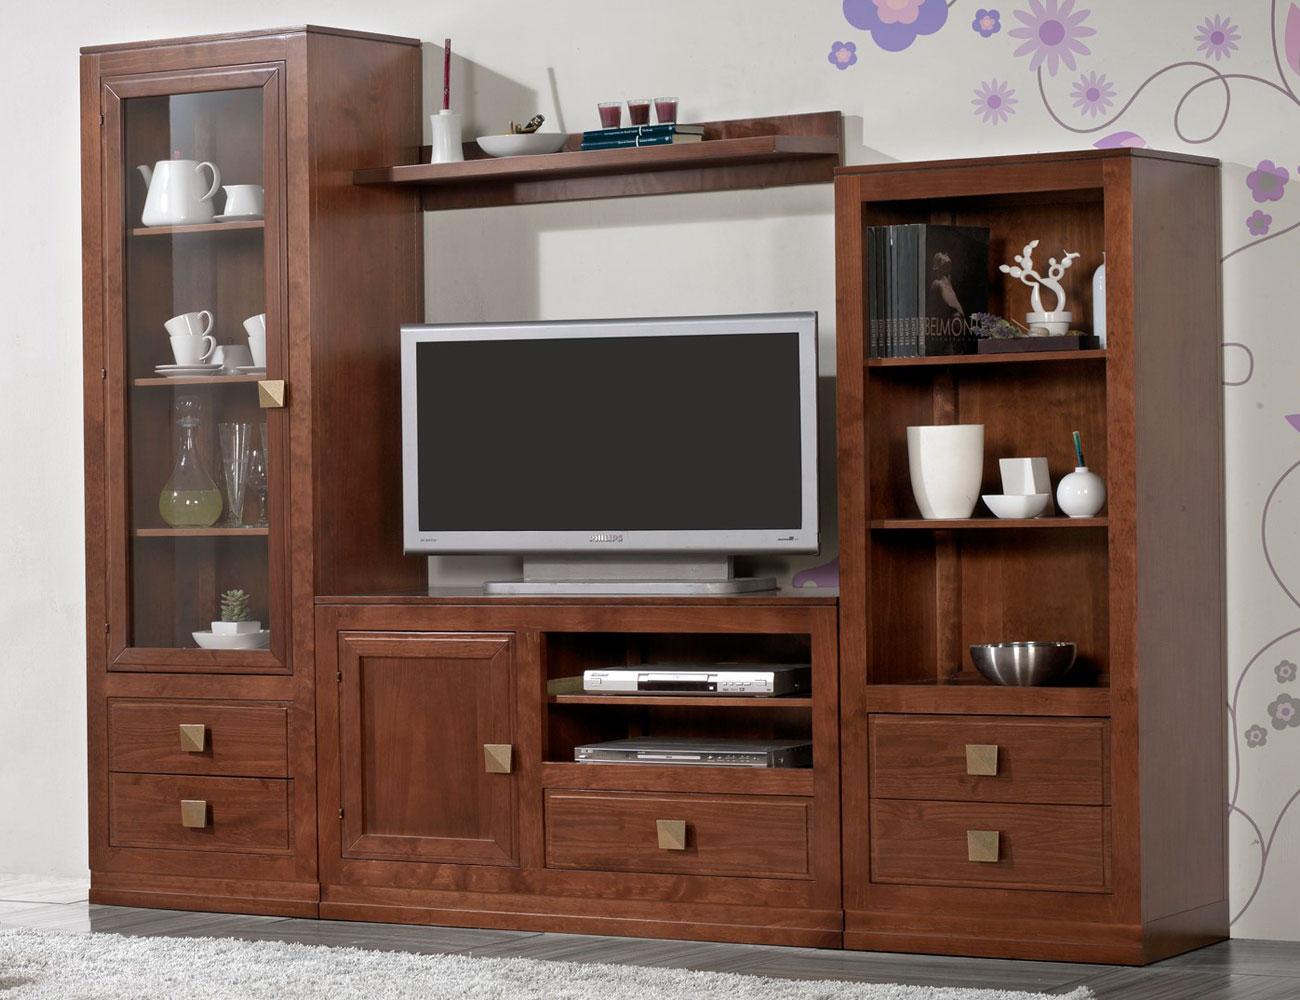 Composicion54 mueble salon comedor vitrina librero